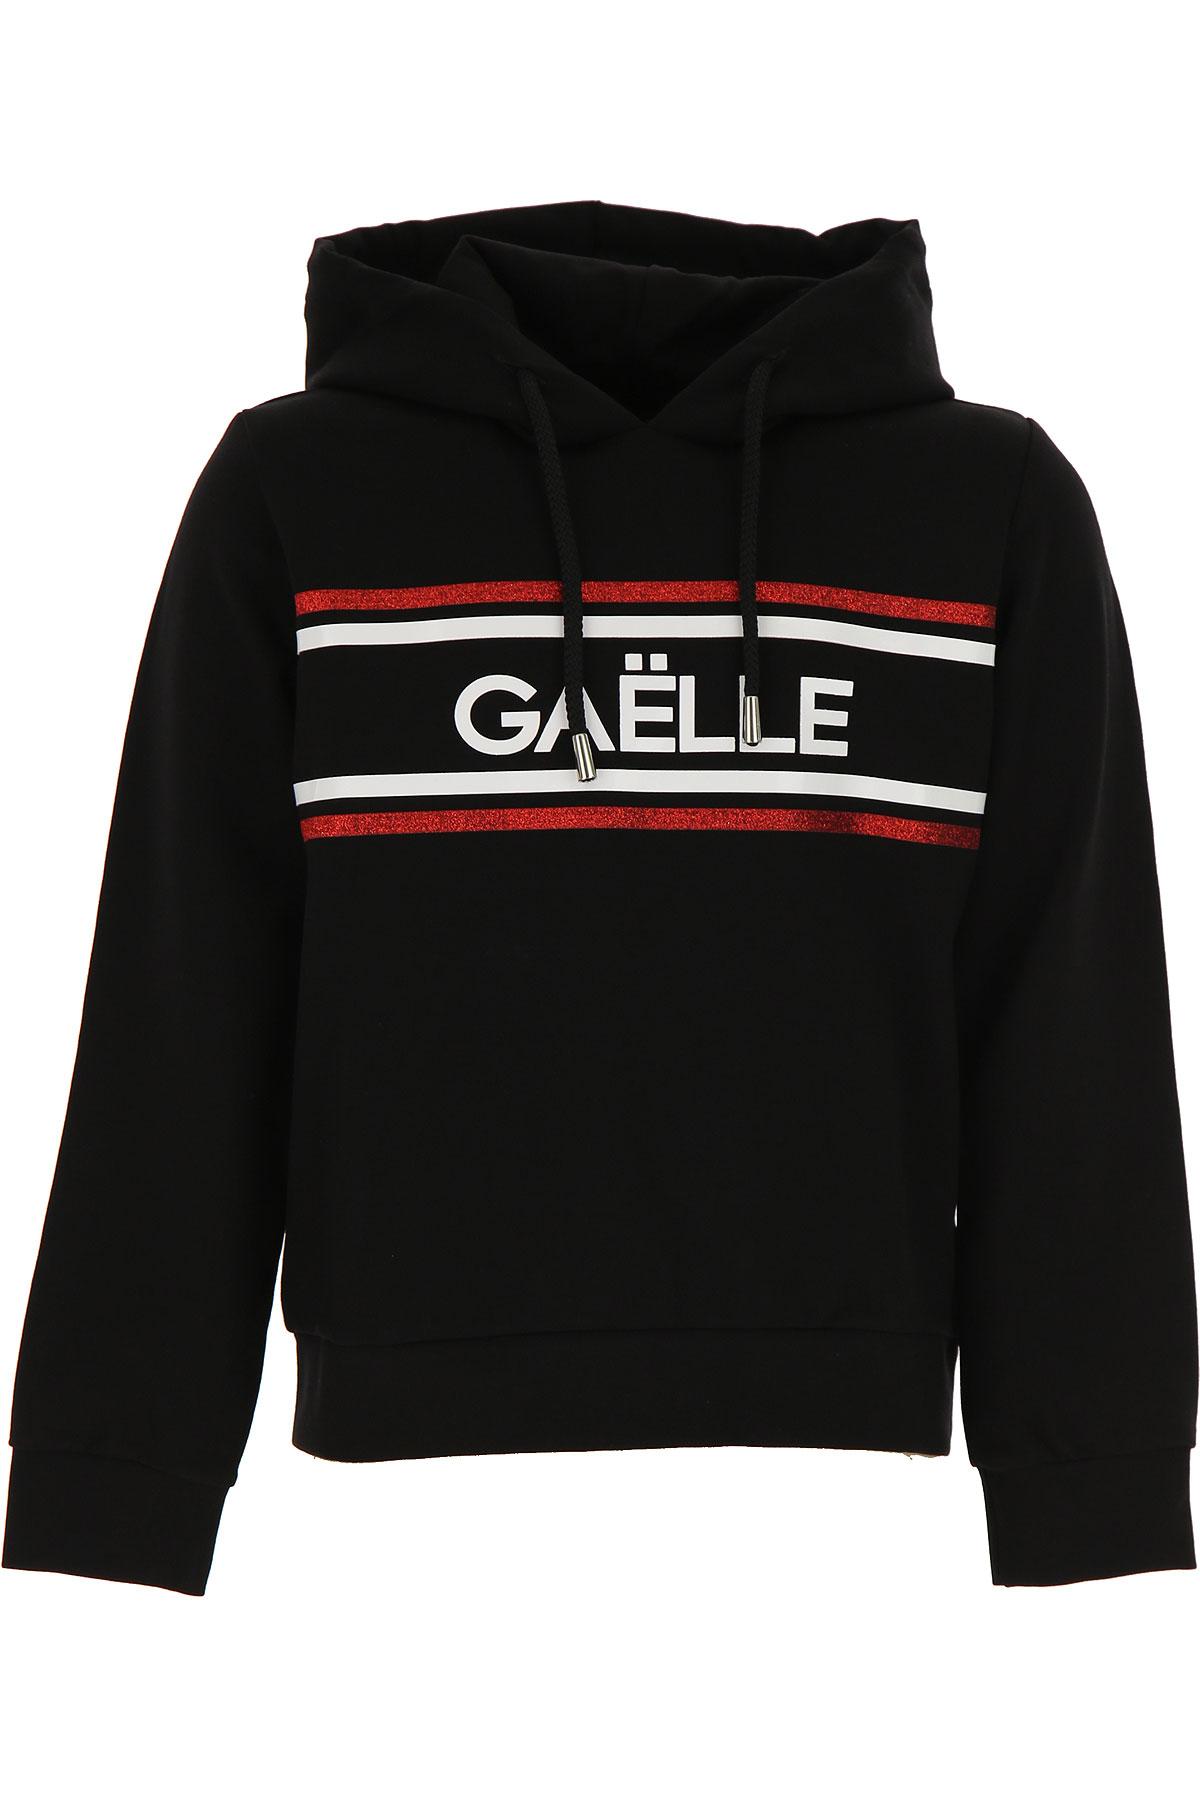 Gaelle Kids Sweatshirts & Hoodies for Girls On Sale, Black, Rayon, 2019, 10Y 12Y 14Y 8Y